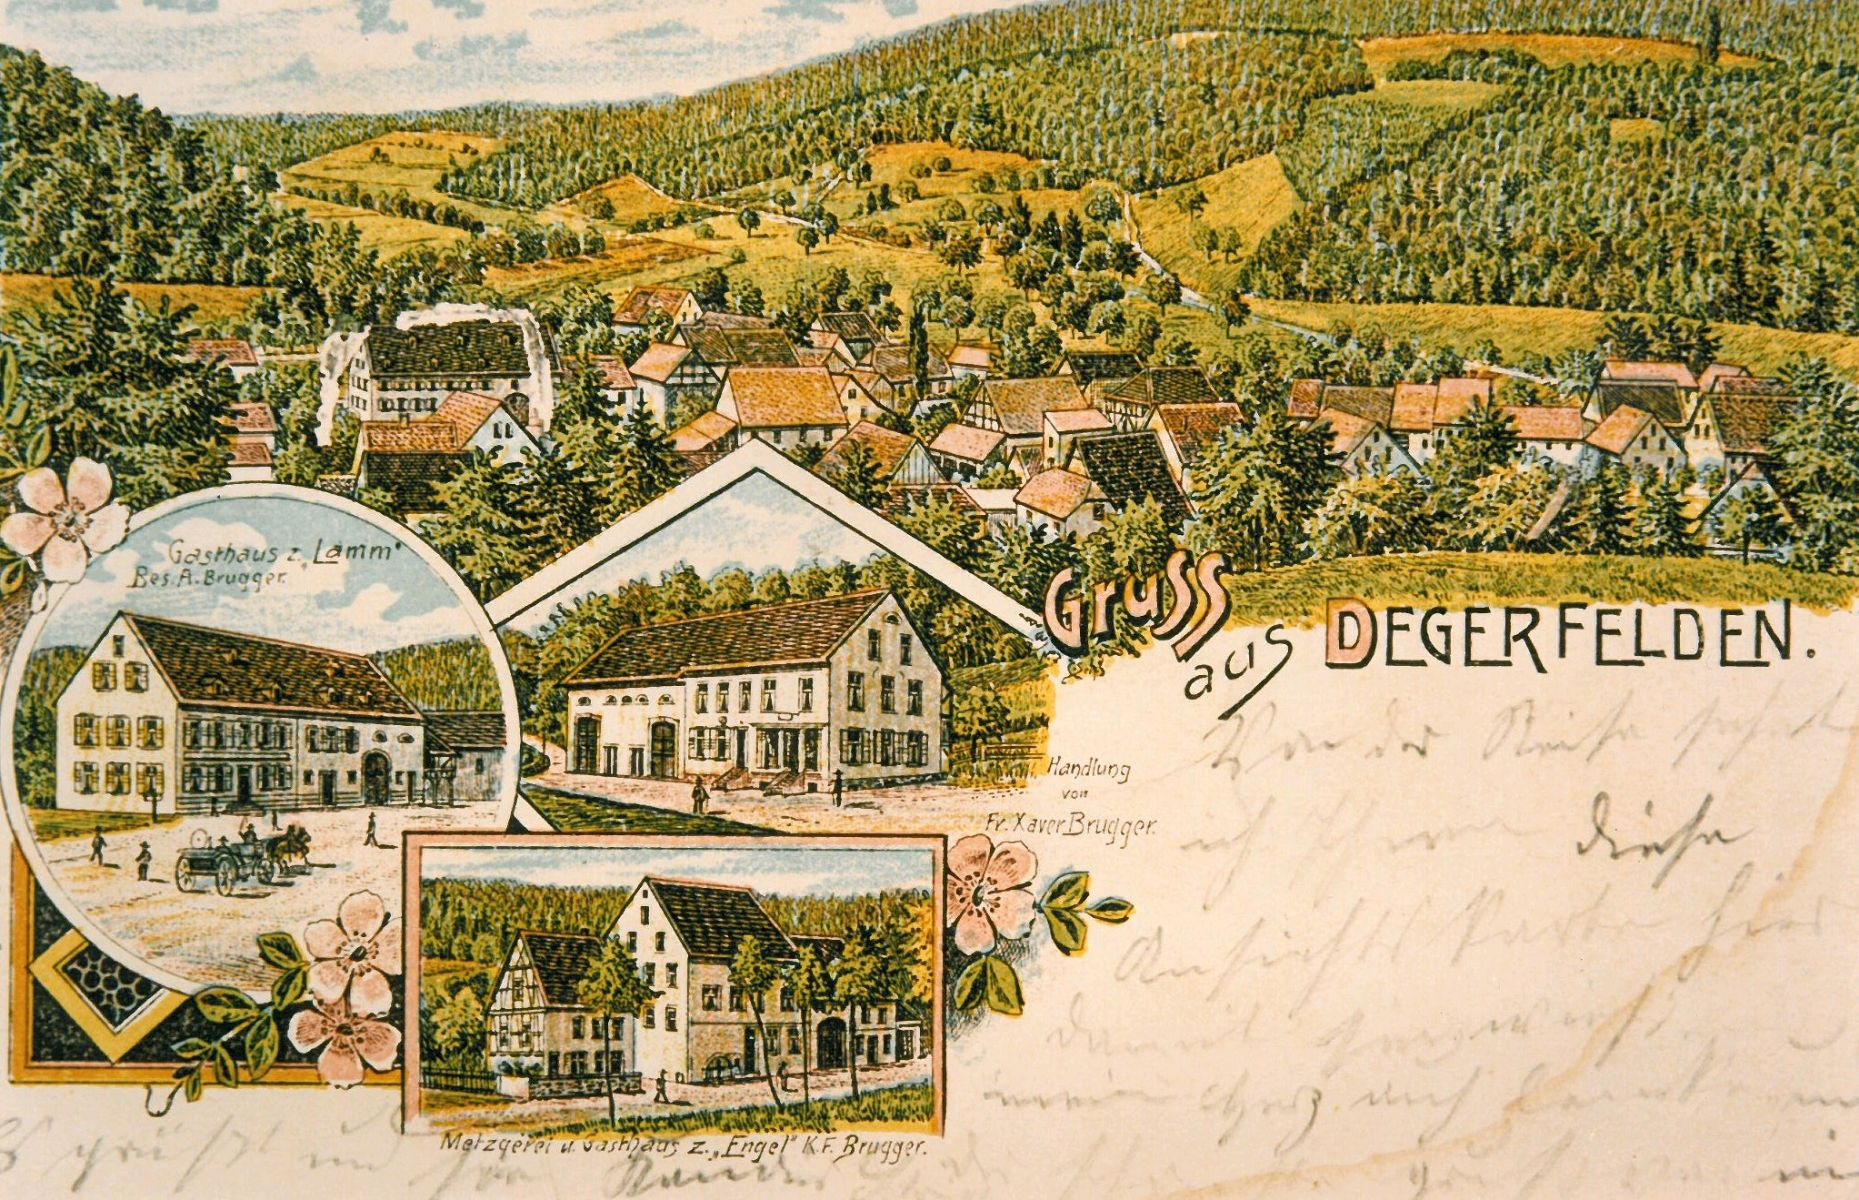 Carte Postale Peinte de Degerfelden (1900)